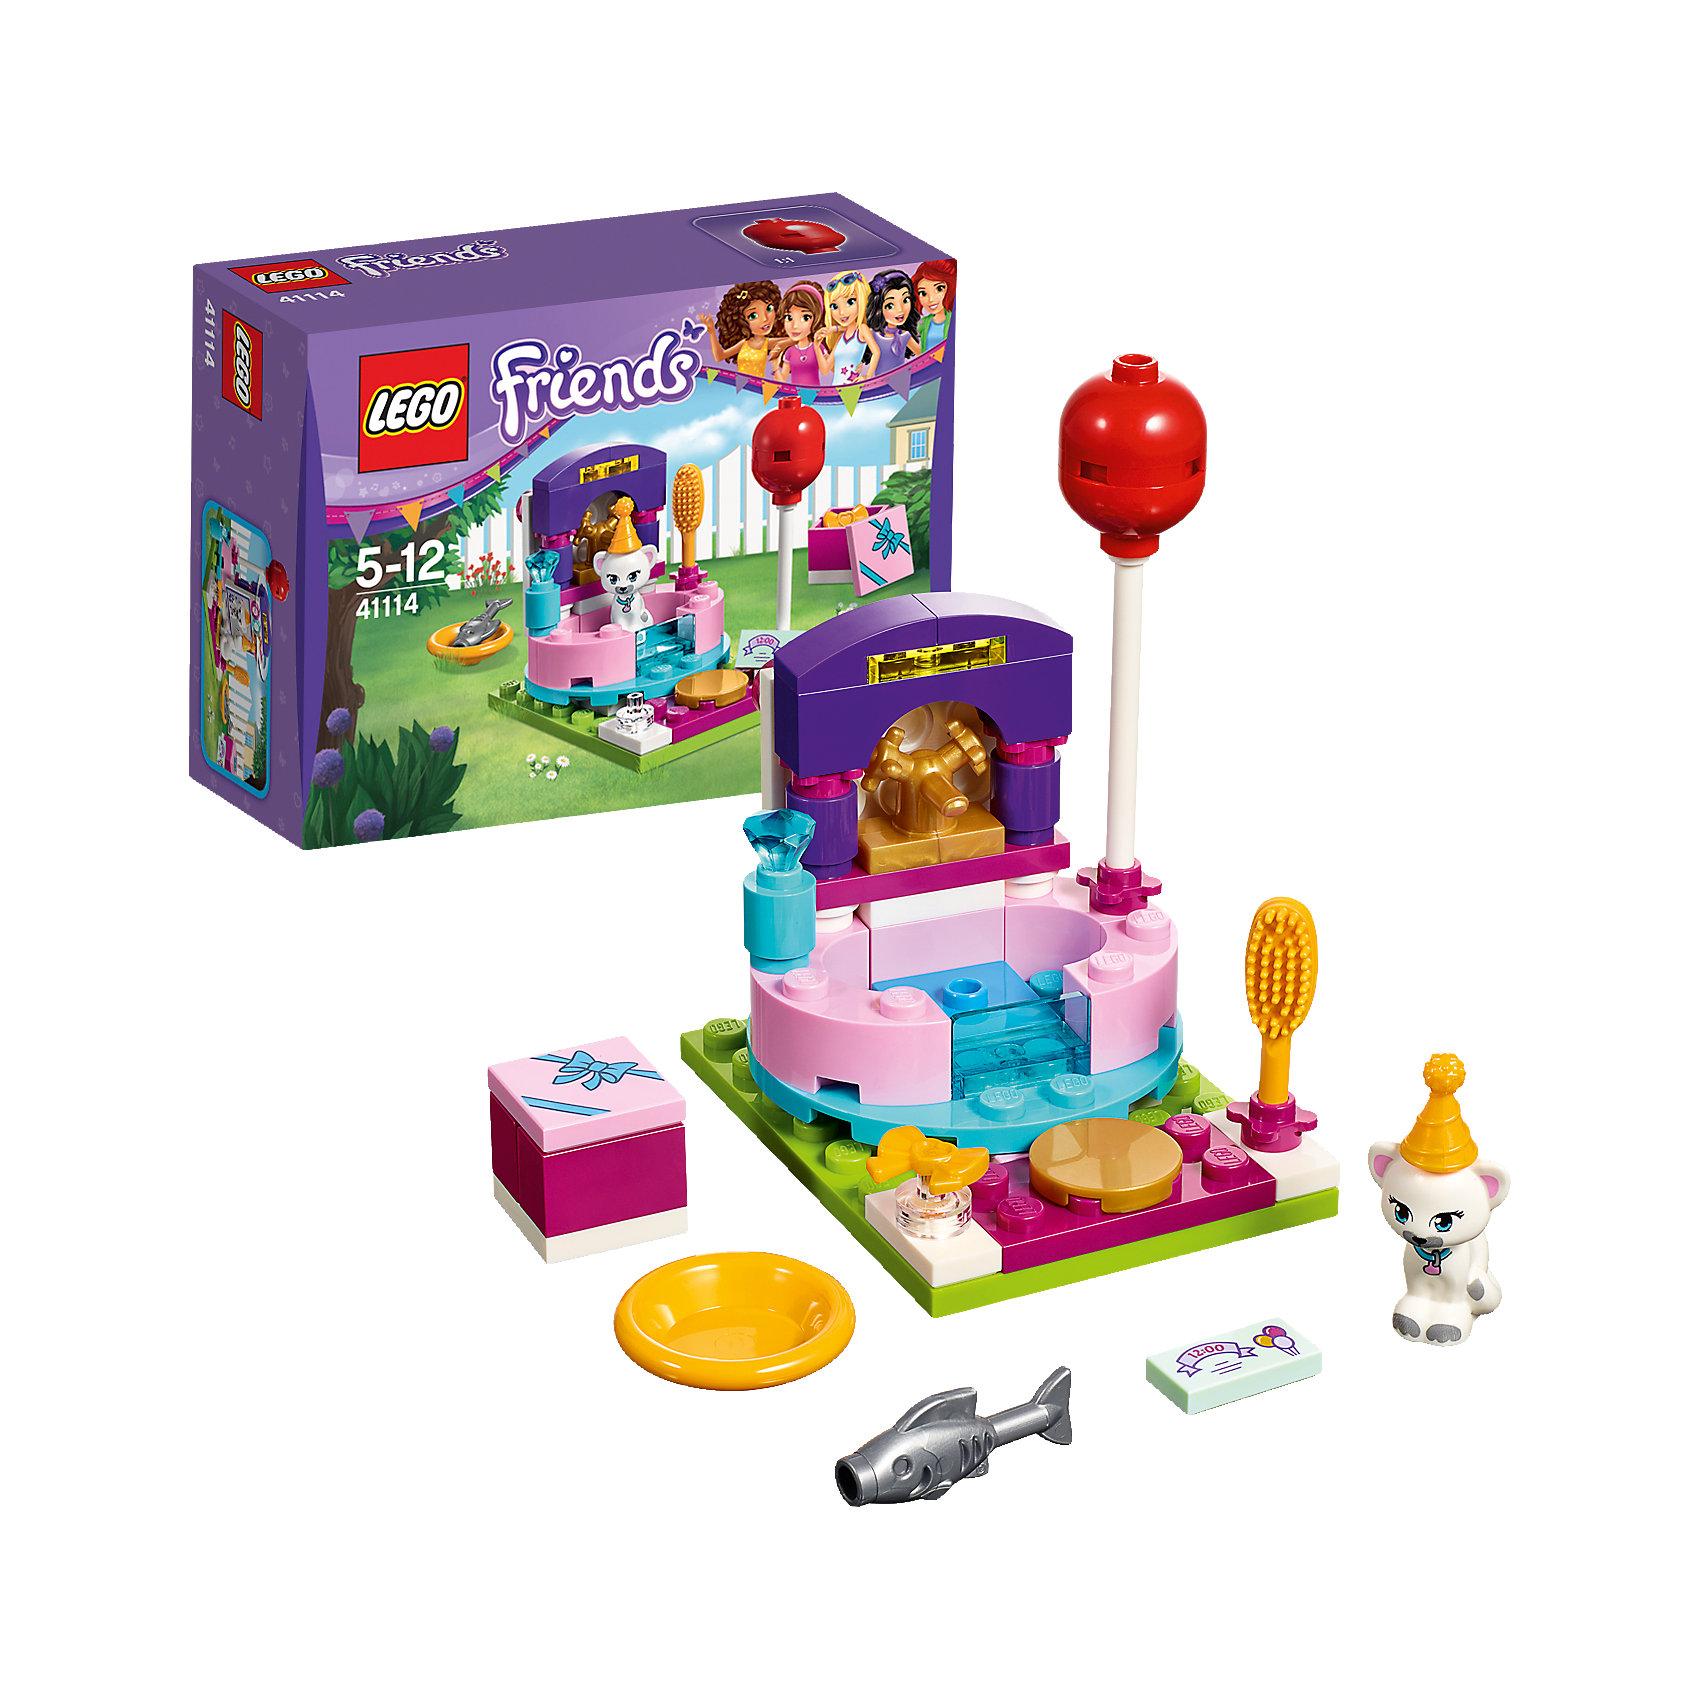 LEGO Friends 41114: День рождения: салон красотыКошка Джунс приглашена на вечеринку по случаю Дня рождения. Она должна подготовиться. Вымой её в ванне с шампунем, а затем посади перед зеркалом, чтобы причесать. Потом дай ей немного рыбки, её любимого лакомства, чтобы развлечь её, пока не придёт время ехать на вечеринку!<br><br>LEGO Friends (ЛЕГО Подружки)- серия детских конструкторов ЛЕГО, созданных специально для девочек. Эта коллекция объединяет в себе принципы строительного конструктора ЛЕГО и игровые темы, яркие цвета и образы интересные для девочек.<br><br>Дополнительная информация:<br><br>- Конструкторы ЛЕГО развивают усидчивость, внимание, фантазию и мелкую моторику. <br>- 1 фигурка кошки.<br>- В комплекте салон красоты, фигурка кошки, шампунь, расчёска, украшение для волос, воздушный шар, подарочная коробка, праздничный колпачок, приглашение на День рождения, миска и рыба.<br>- Количество деталей: 54<br>- Серия LEGO Friends (ЛЕГО Подружки).<br>- Материал: пластик.<br>- Размер упаковки: 12х4,7х9 см.<br>- Размер салона красоты в собранном виде: 5х6х4 см.<br>- Вес: 0.065 кг.<br><br>LEGO Friends 41112: День рождения: тортики можно купить в нашем магазине.<br><br>Ширина мм: 122<br>Глубина мм: 91<br>Высота мм: 48<br>Вес г: 68<br>Возраст от месяцев: 60<br>Возраст до месяцев: 144<br>Пол: Женский<br>Возраст: Детский<br>SKU: 4259063